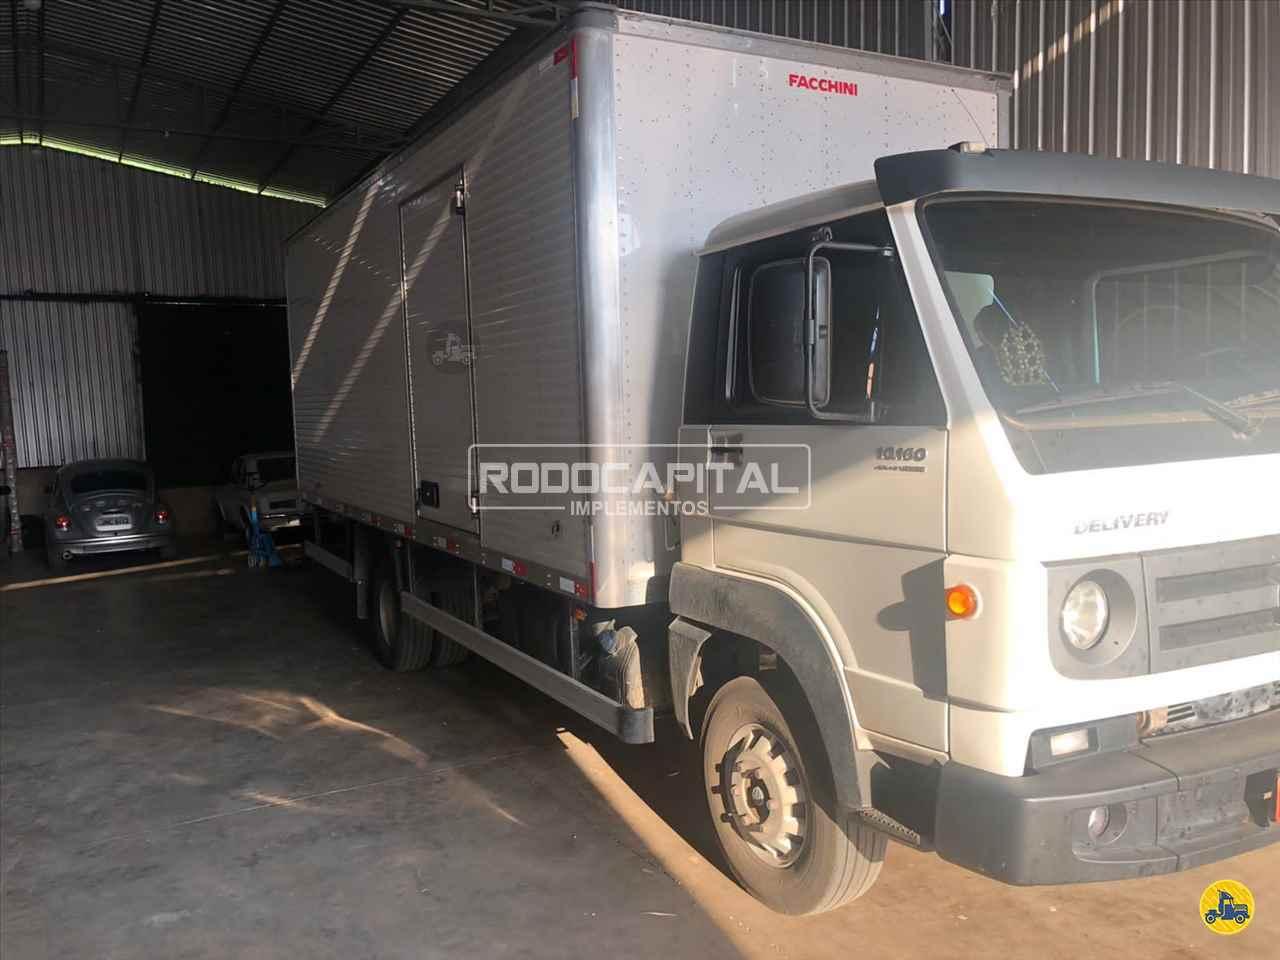 CAMINHAO VOLKSWAGEN VW 10160 Baú Furgão Toco 4x2 RODOCAPITAL - TRUCKVAN BRASILIA DISTRITO FEDERAL DF